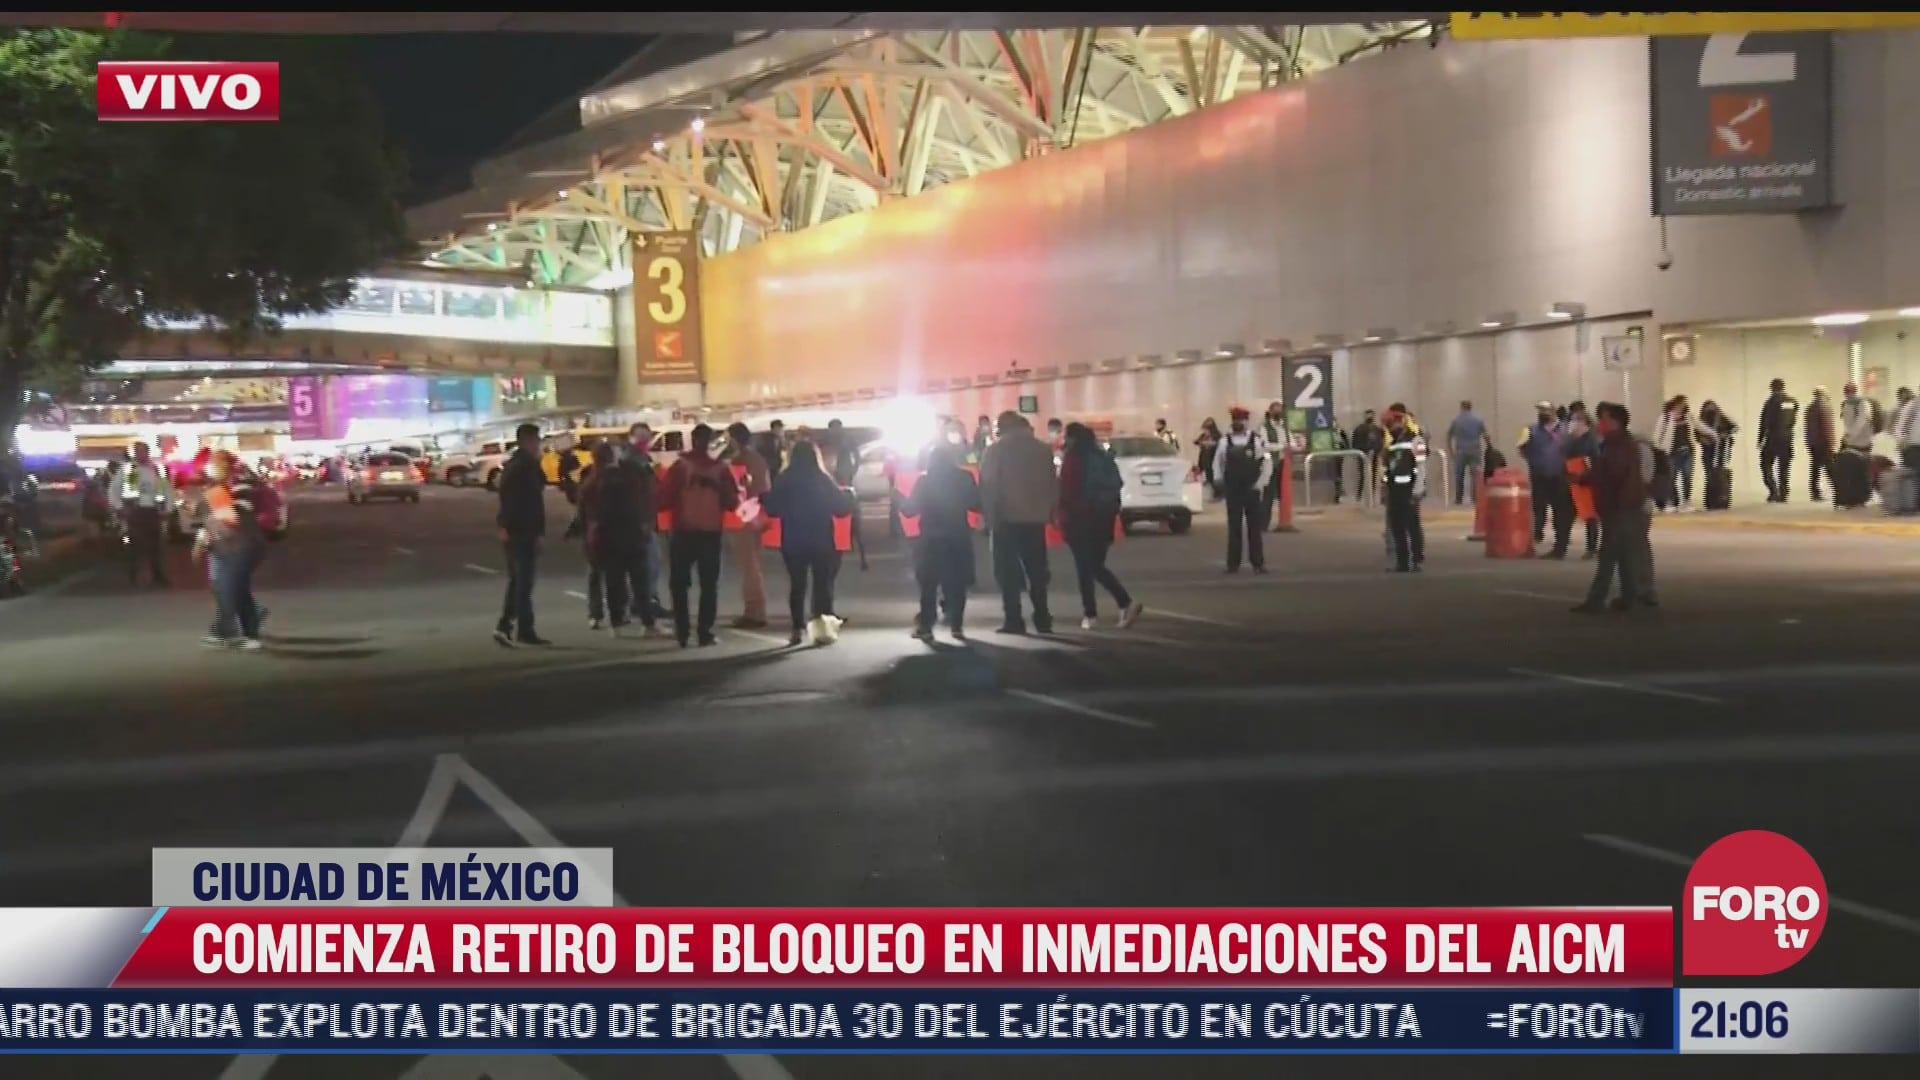 manifestantes acuerdan retirar bloqueo en aeropuerto cdmx